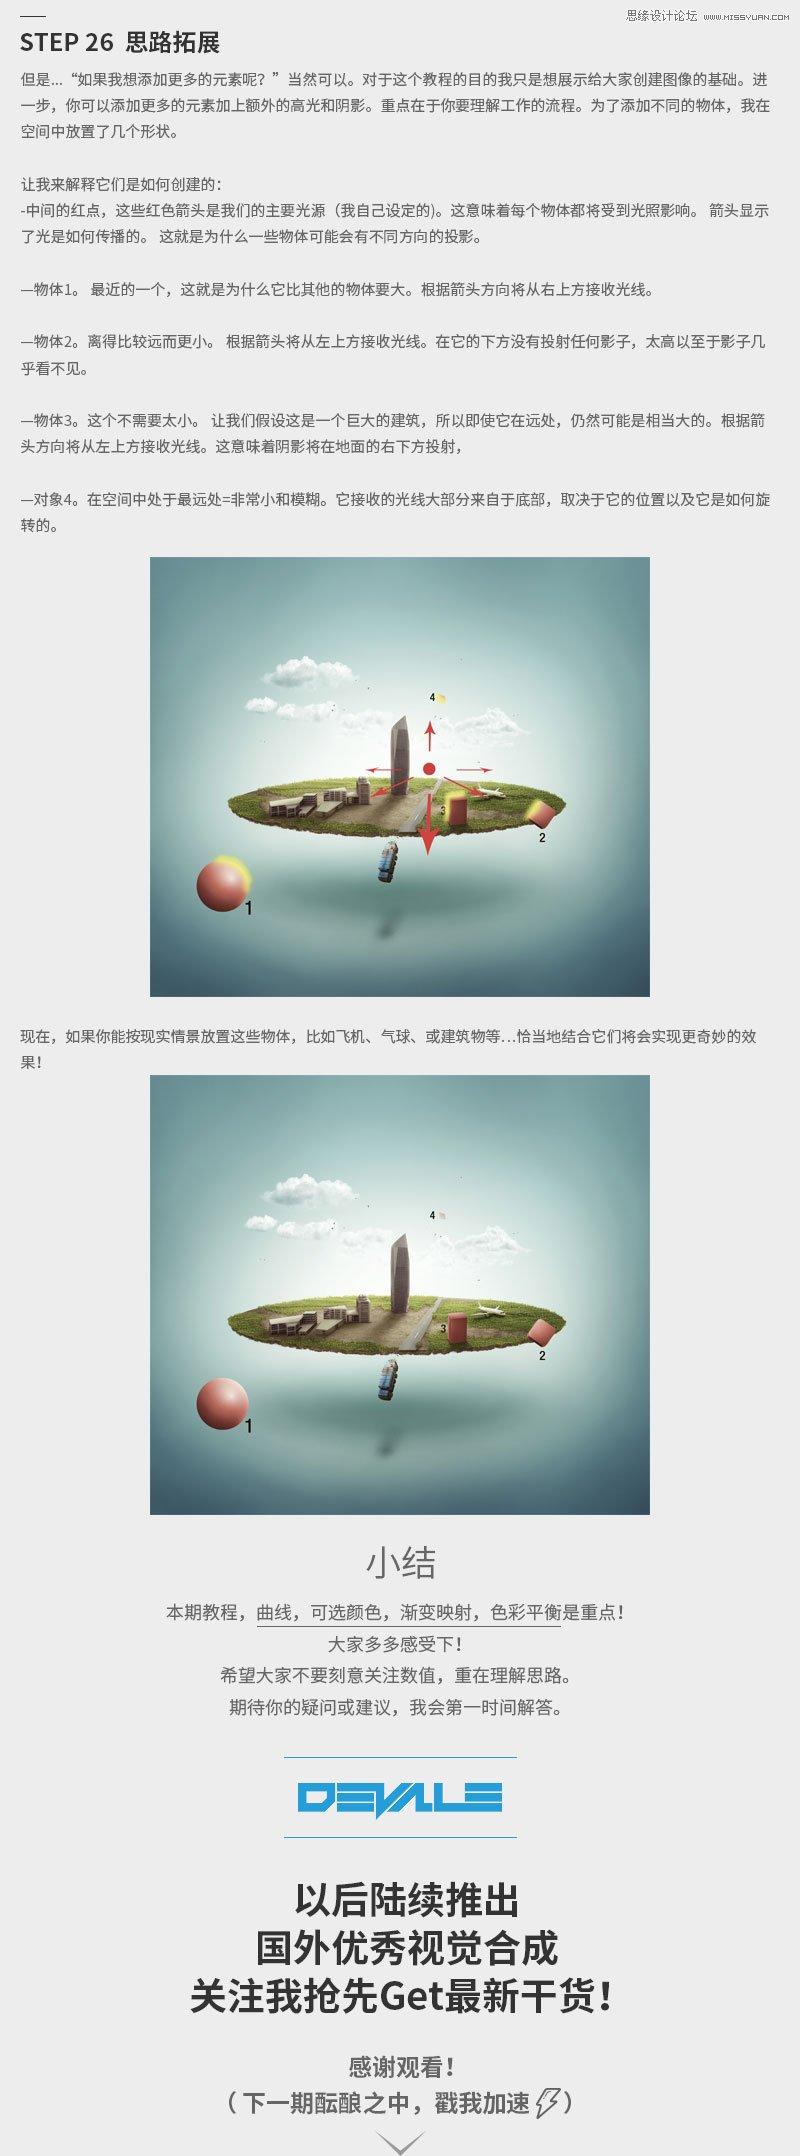 Photoshop合成創意的懸浮微觀世界場景圖